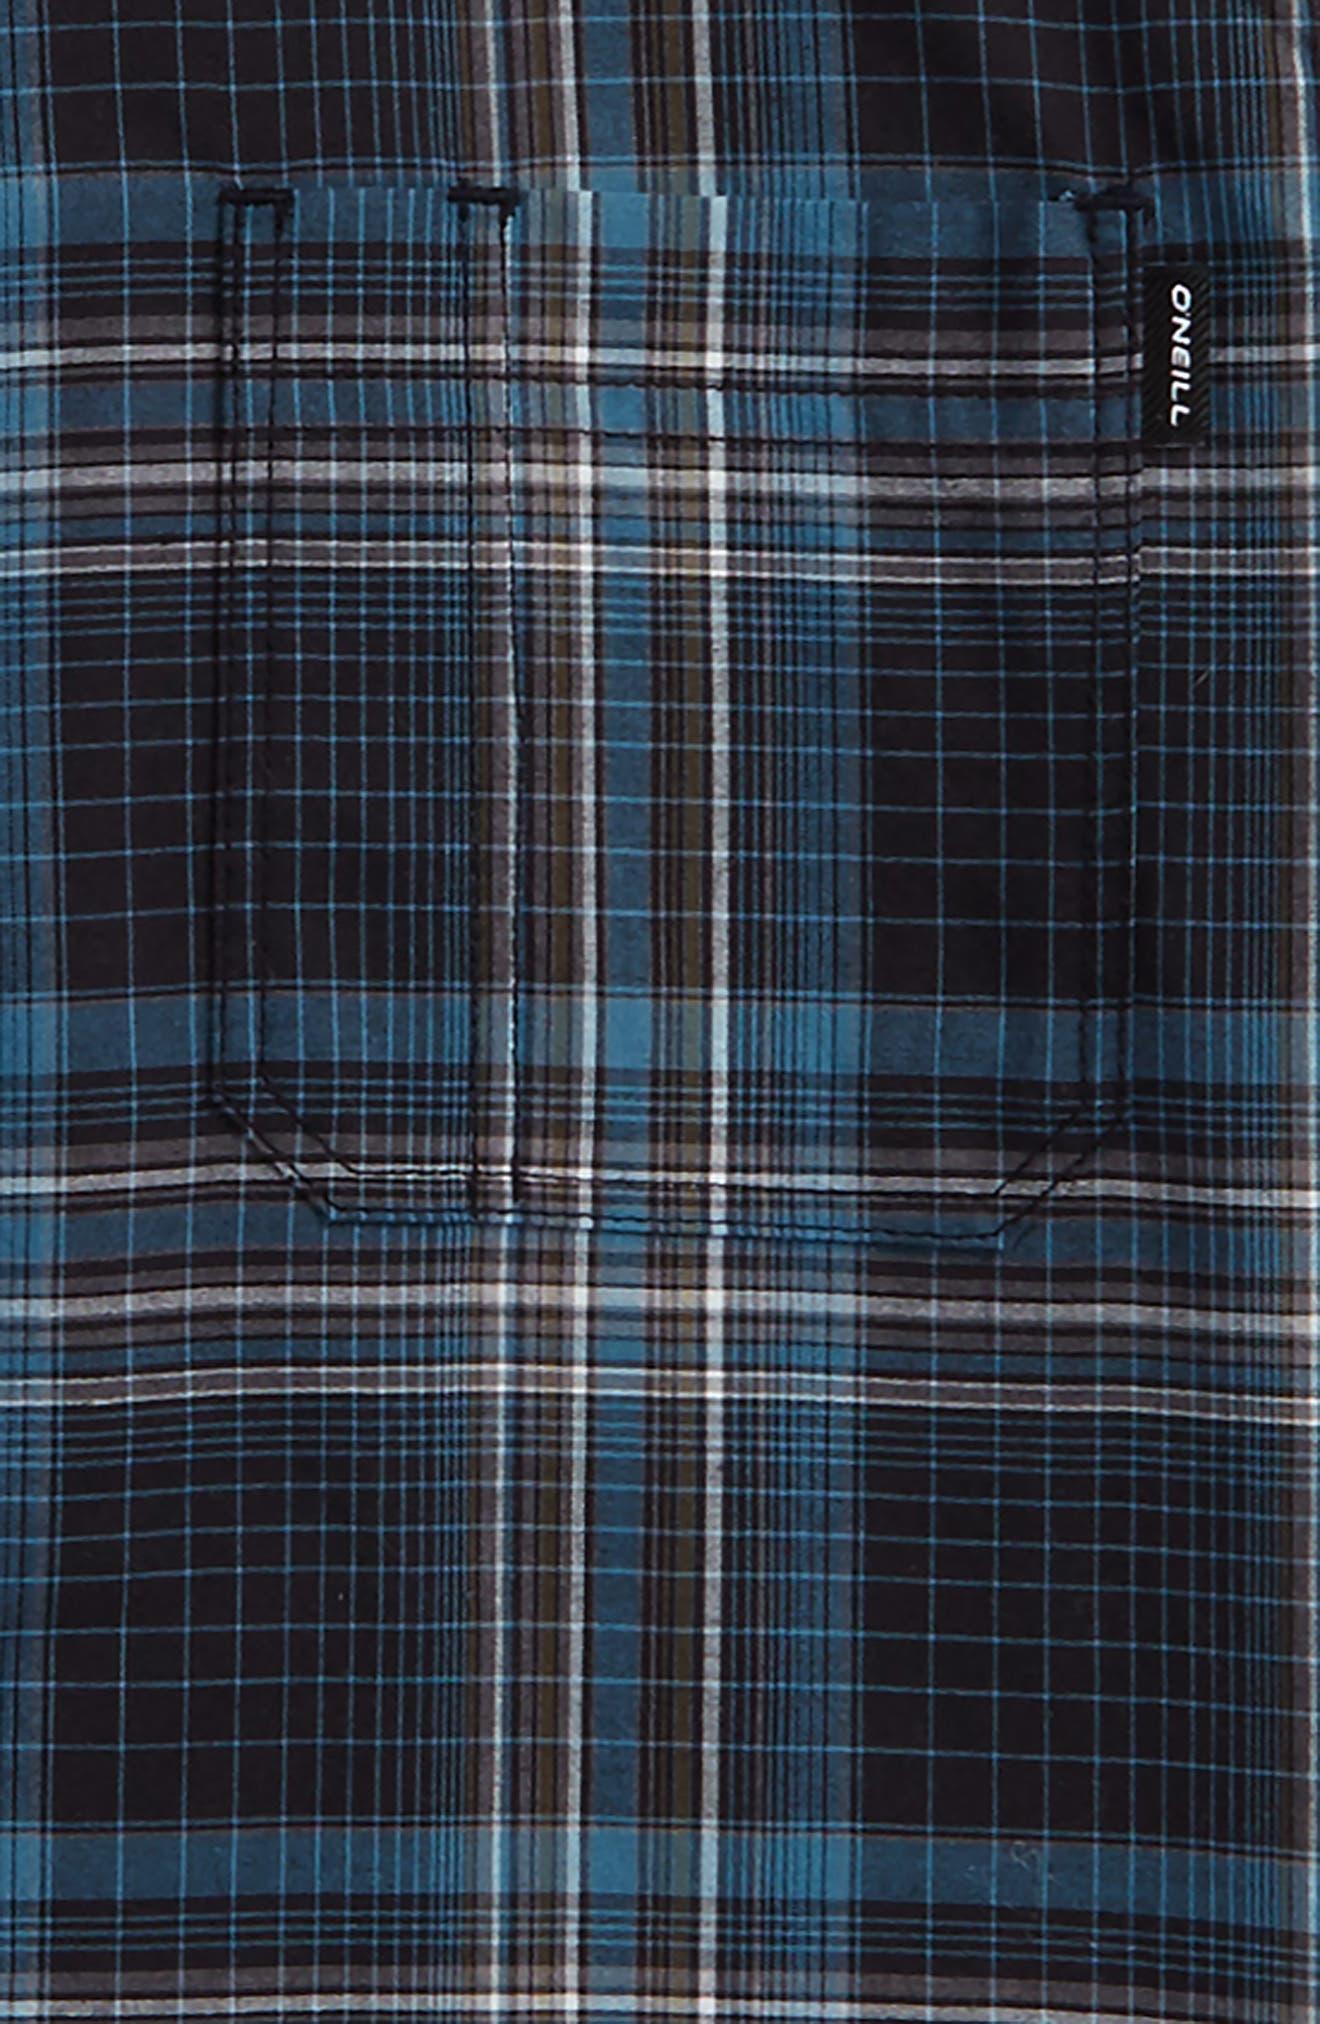 Sturghill Plaid Woven Shirt,                             Alternate thumbnail 4, color,